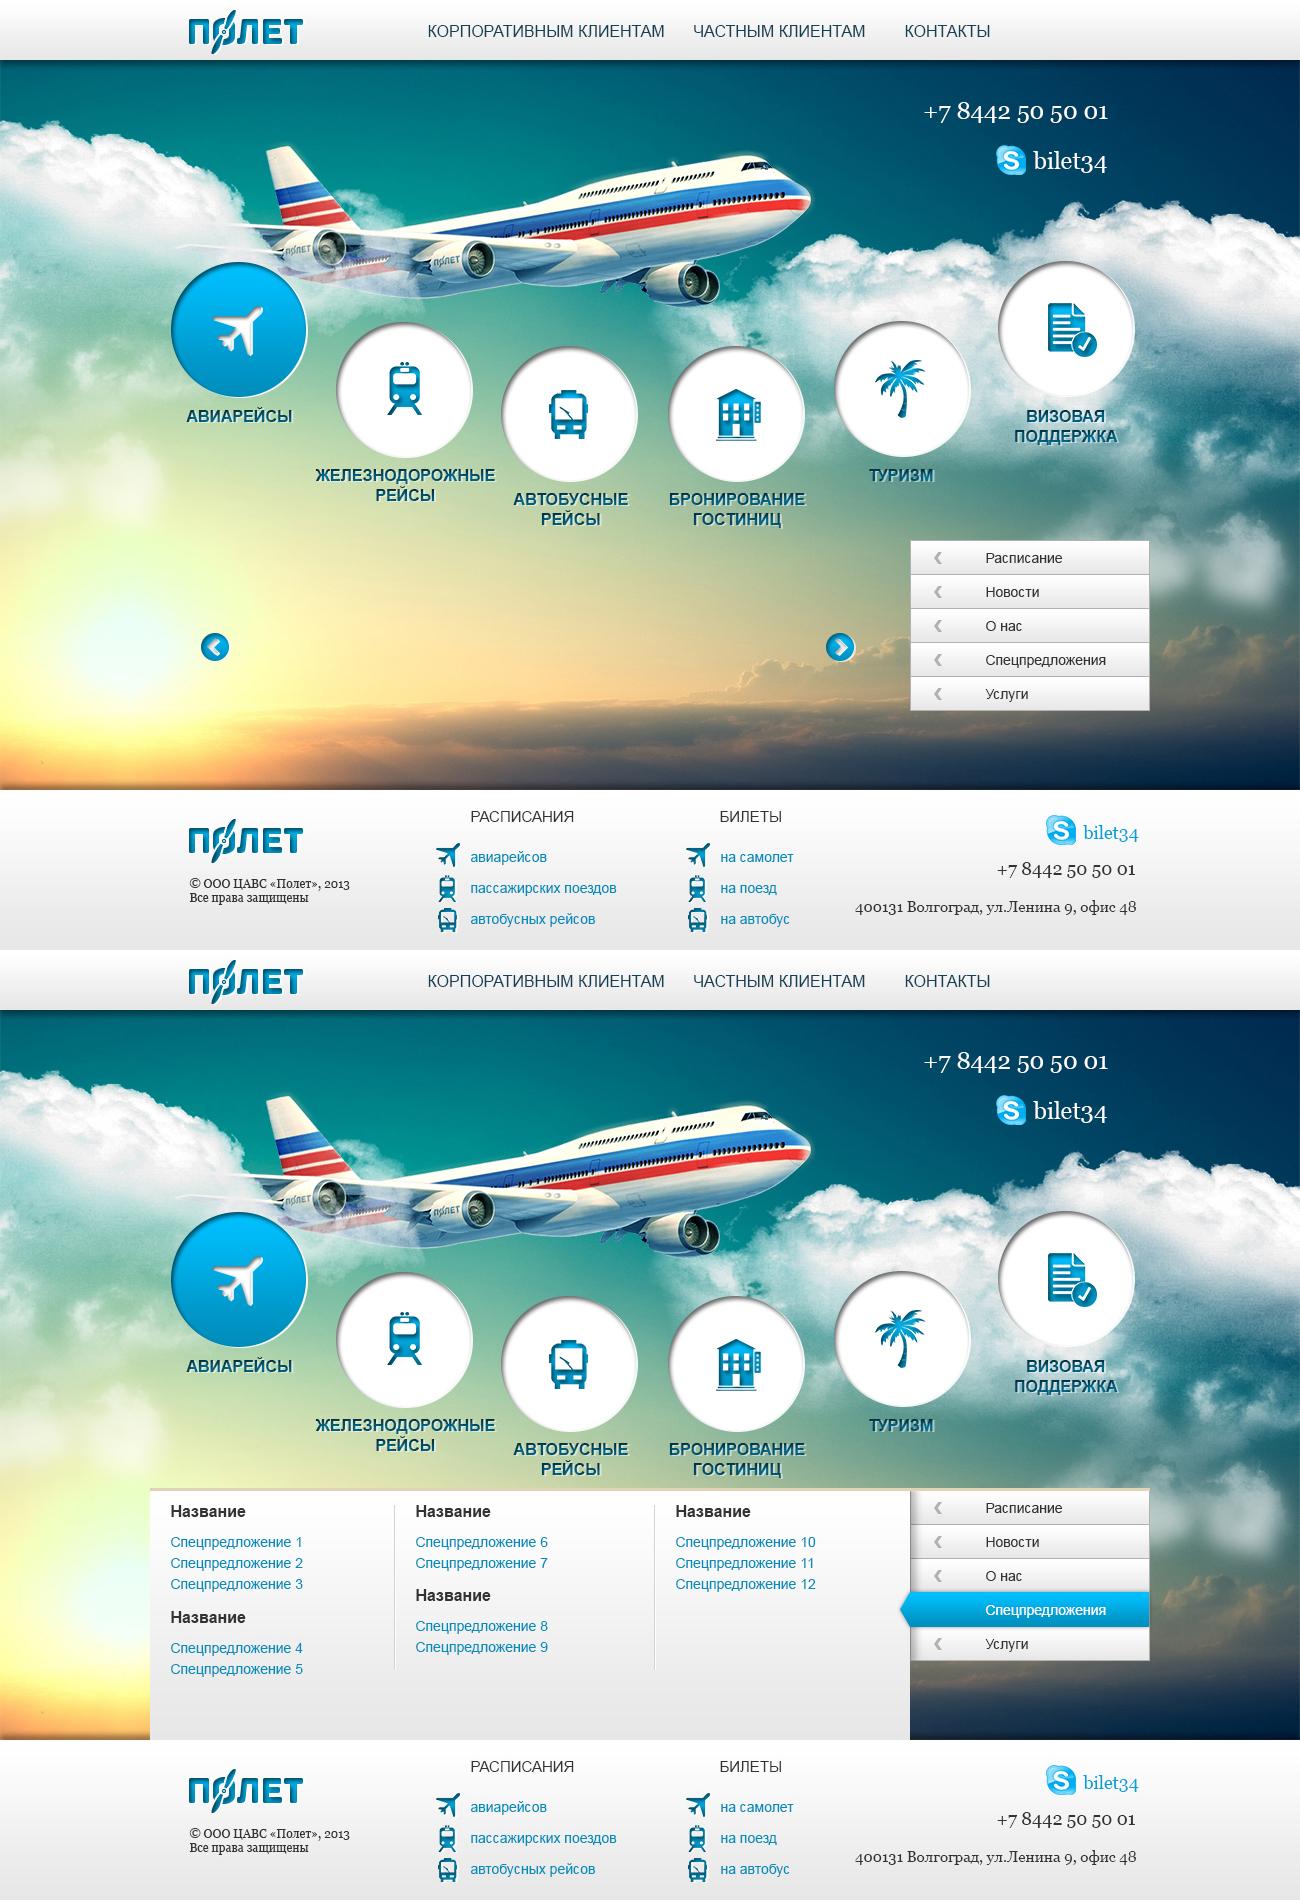 Самолеты во фрилансере где найти фрилансера дешево